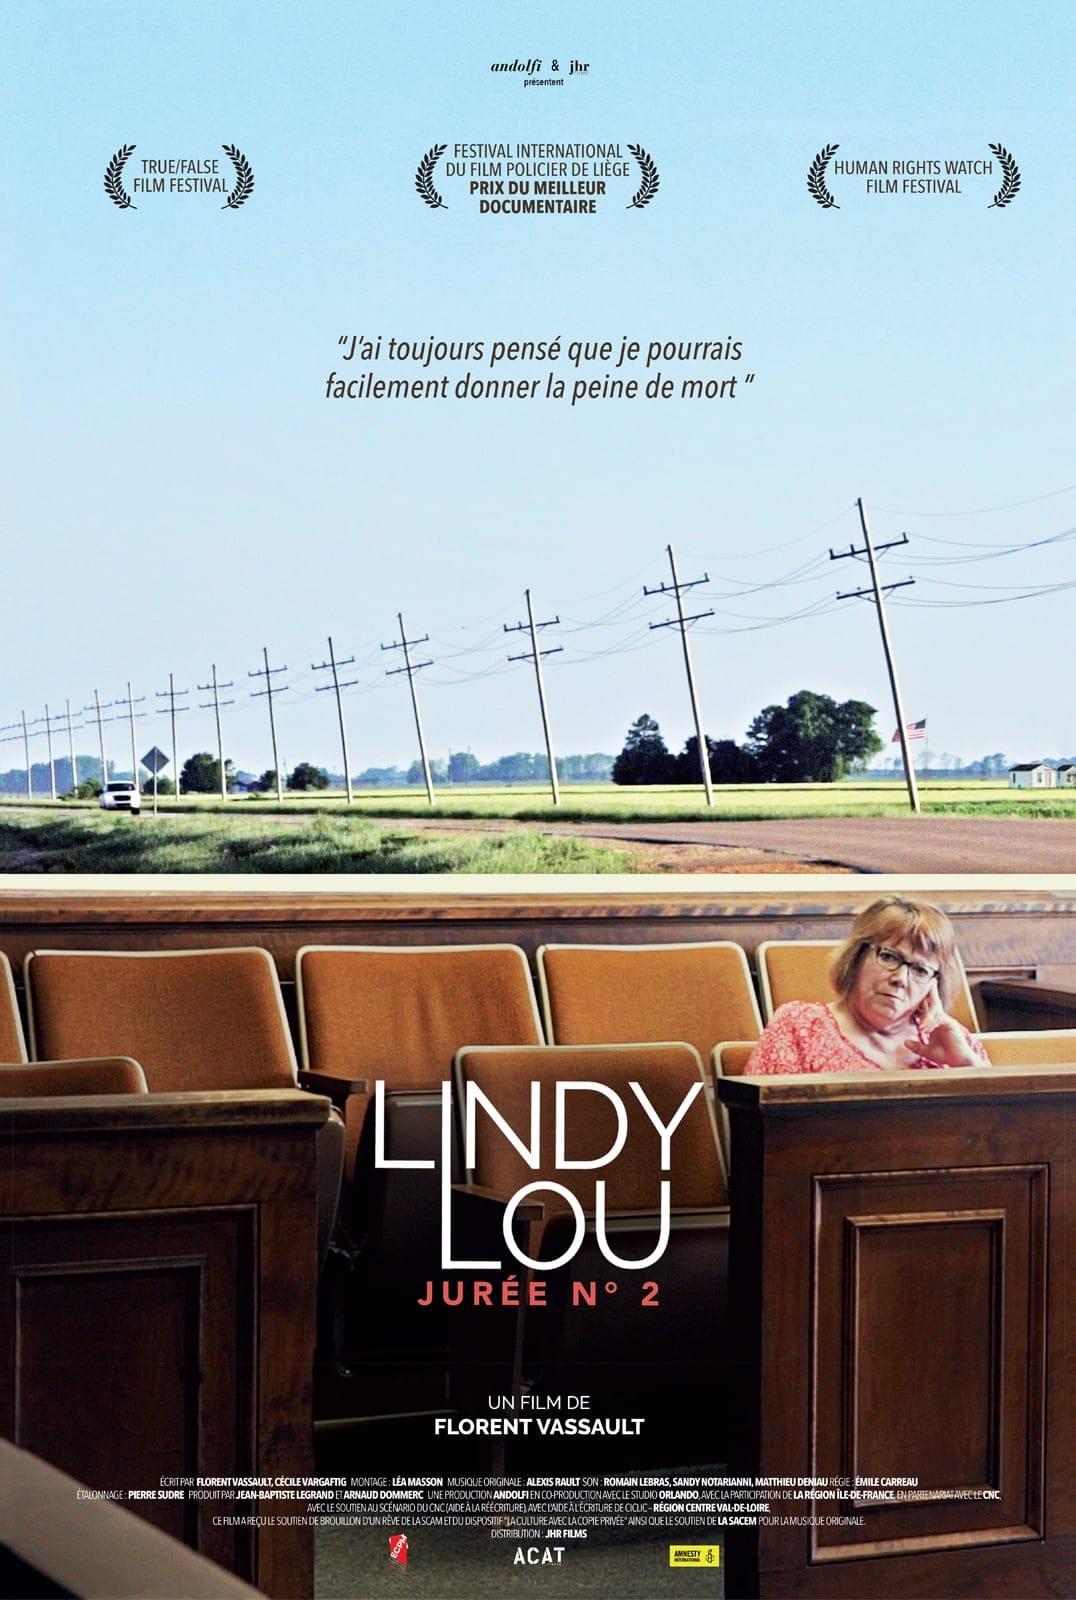 Regarder Lindy Lou, Jurée numéro 2 en streaming gratuit